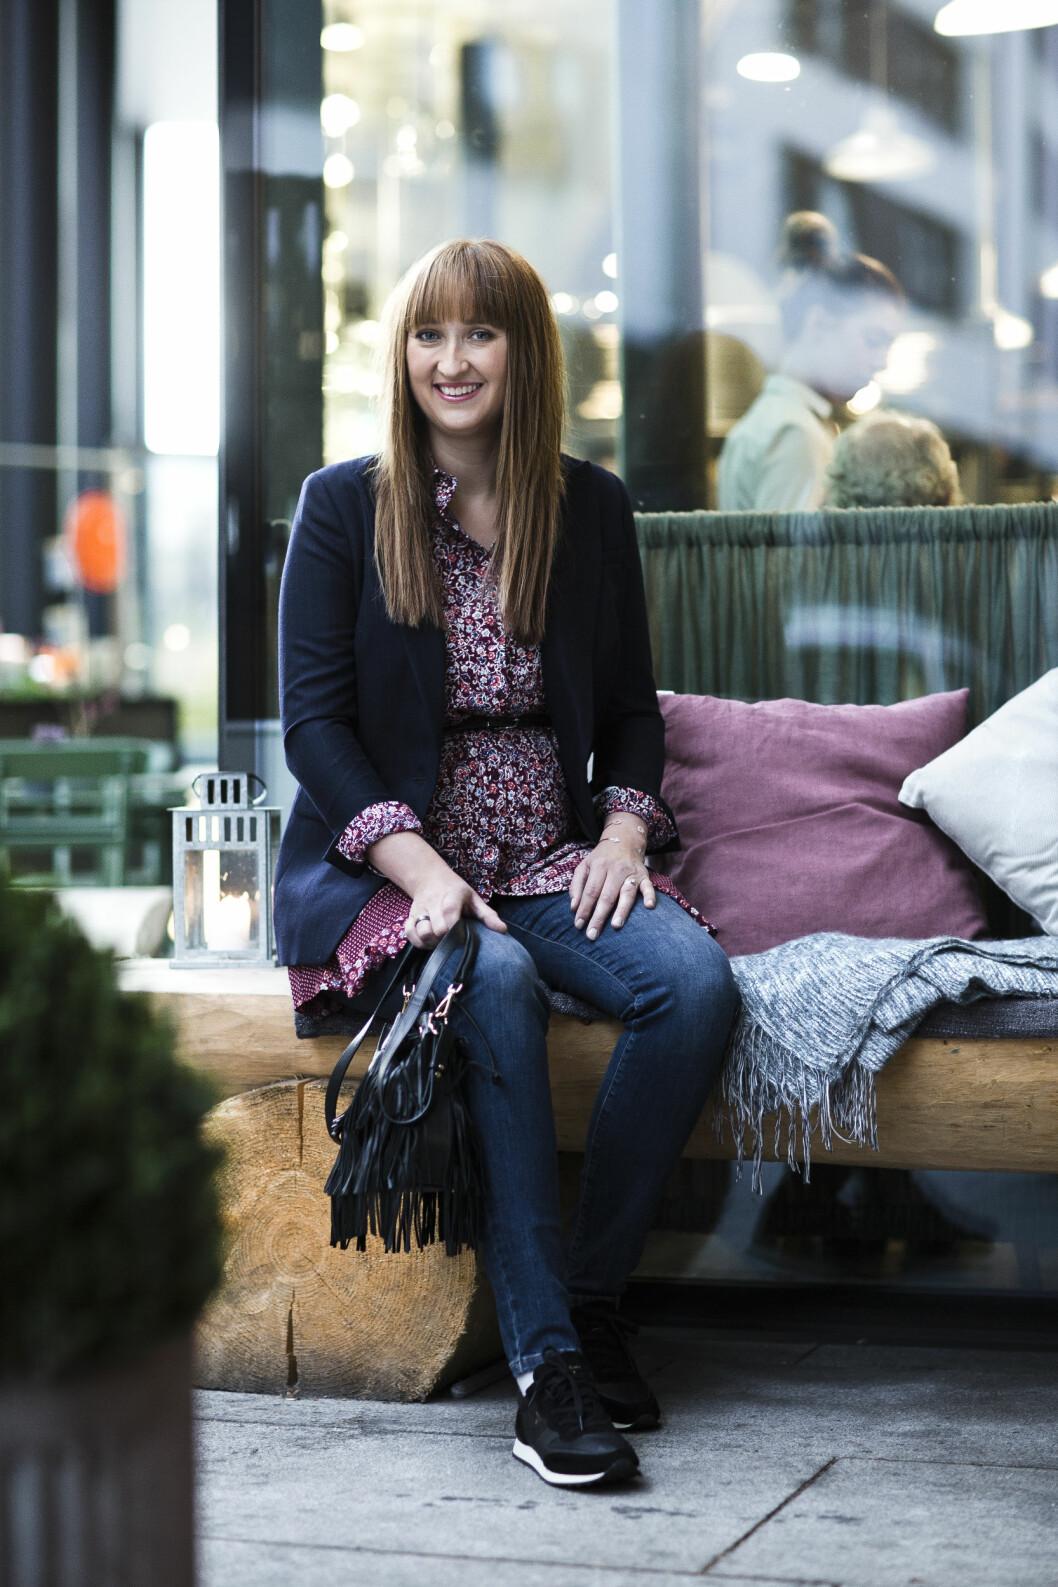 <strong>KJOLE TIL HVERDAGS:</strong> Ved å bruke jeans under kjolen, blir antrekket både pent og avslappet. Foto: Astrid Waller